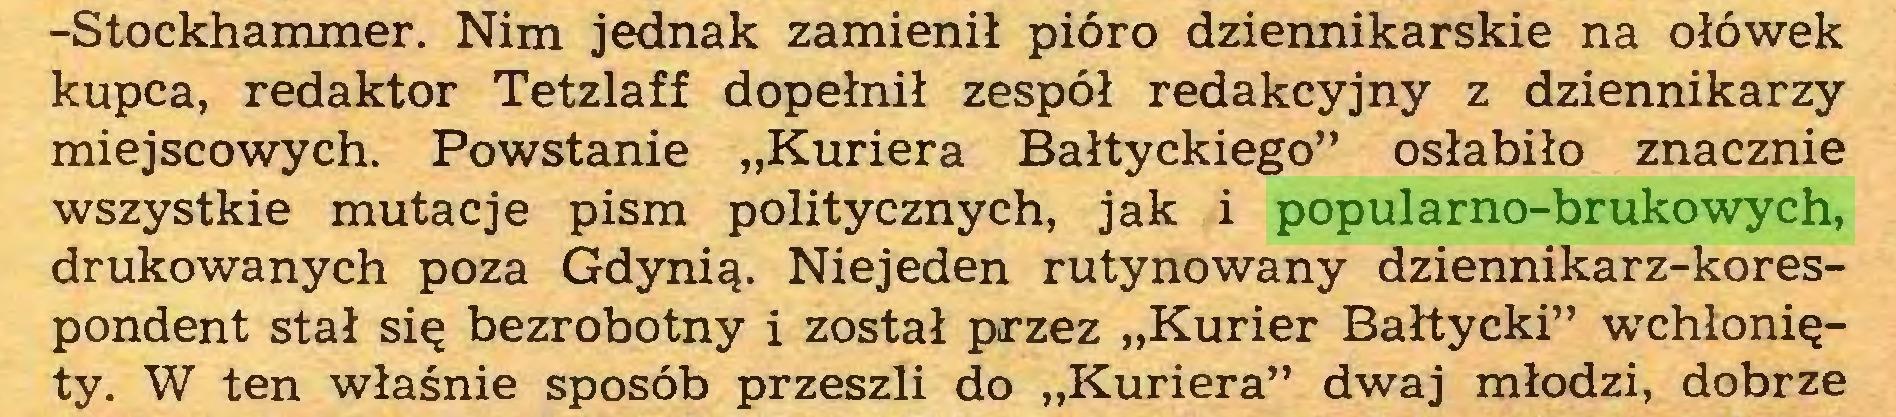 """(...) -Stockhammer. Nim jednak zamienił pióro dziennikarskie na ołówek kupca, redaktor Tetzlaff dopełnił zespół redakcyjny z dziennikarzy miejscowych. Powstanie """"Kuriera Bałtyckiego"""" osłabiło znacznie wszystkie mutacje pism politycznych, jak i popularno-brukowych, drukowanych poza Gdynią. Niejeden rutynowany dziennikarz-korespondent stał się bezrobotny i został przez """"Kurier Bałtycki"""" wchłonięty. W ten właśnie sposób przeszli do """"Kuriera"""" dwaj młodzi, dobrze..."""